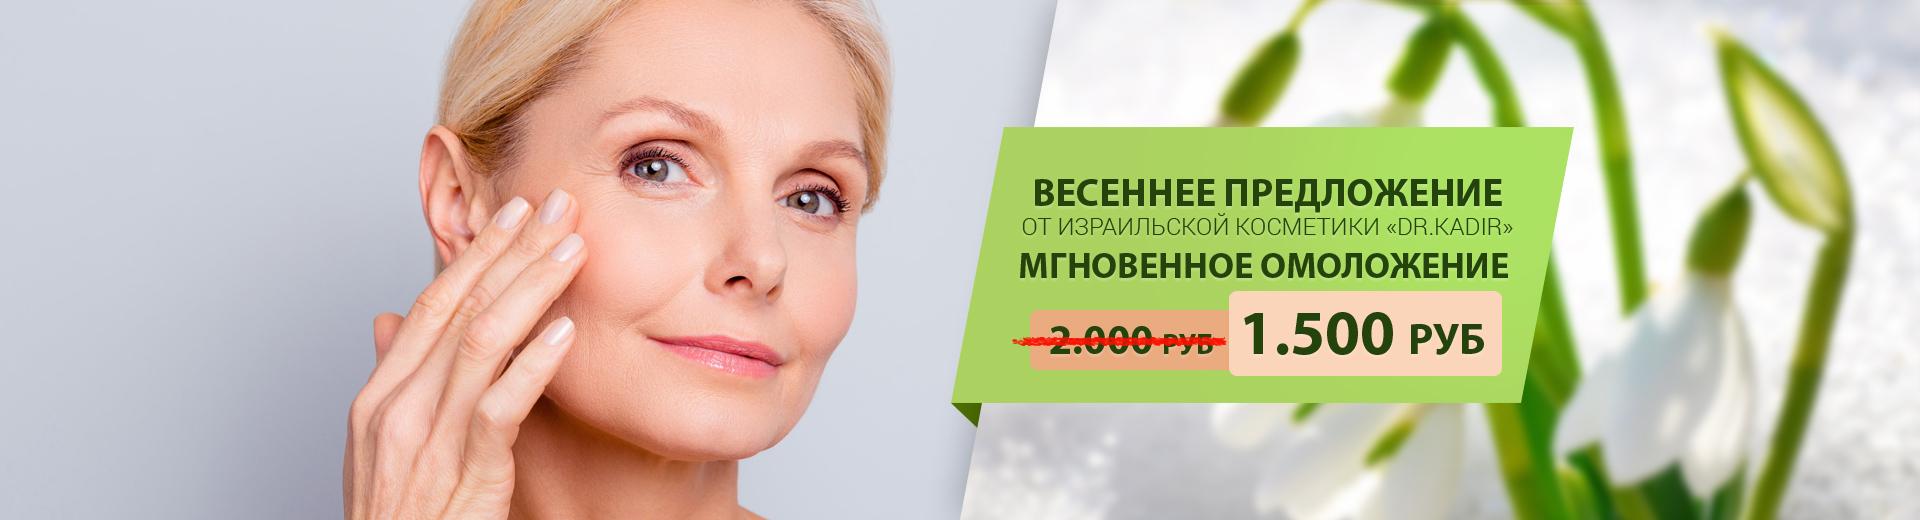 Мгновенное омоложение за 1.500 рублей